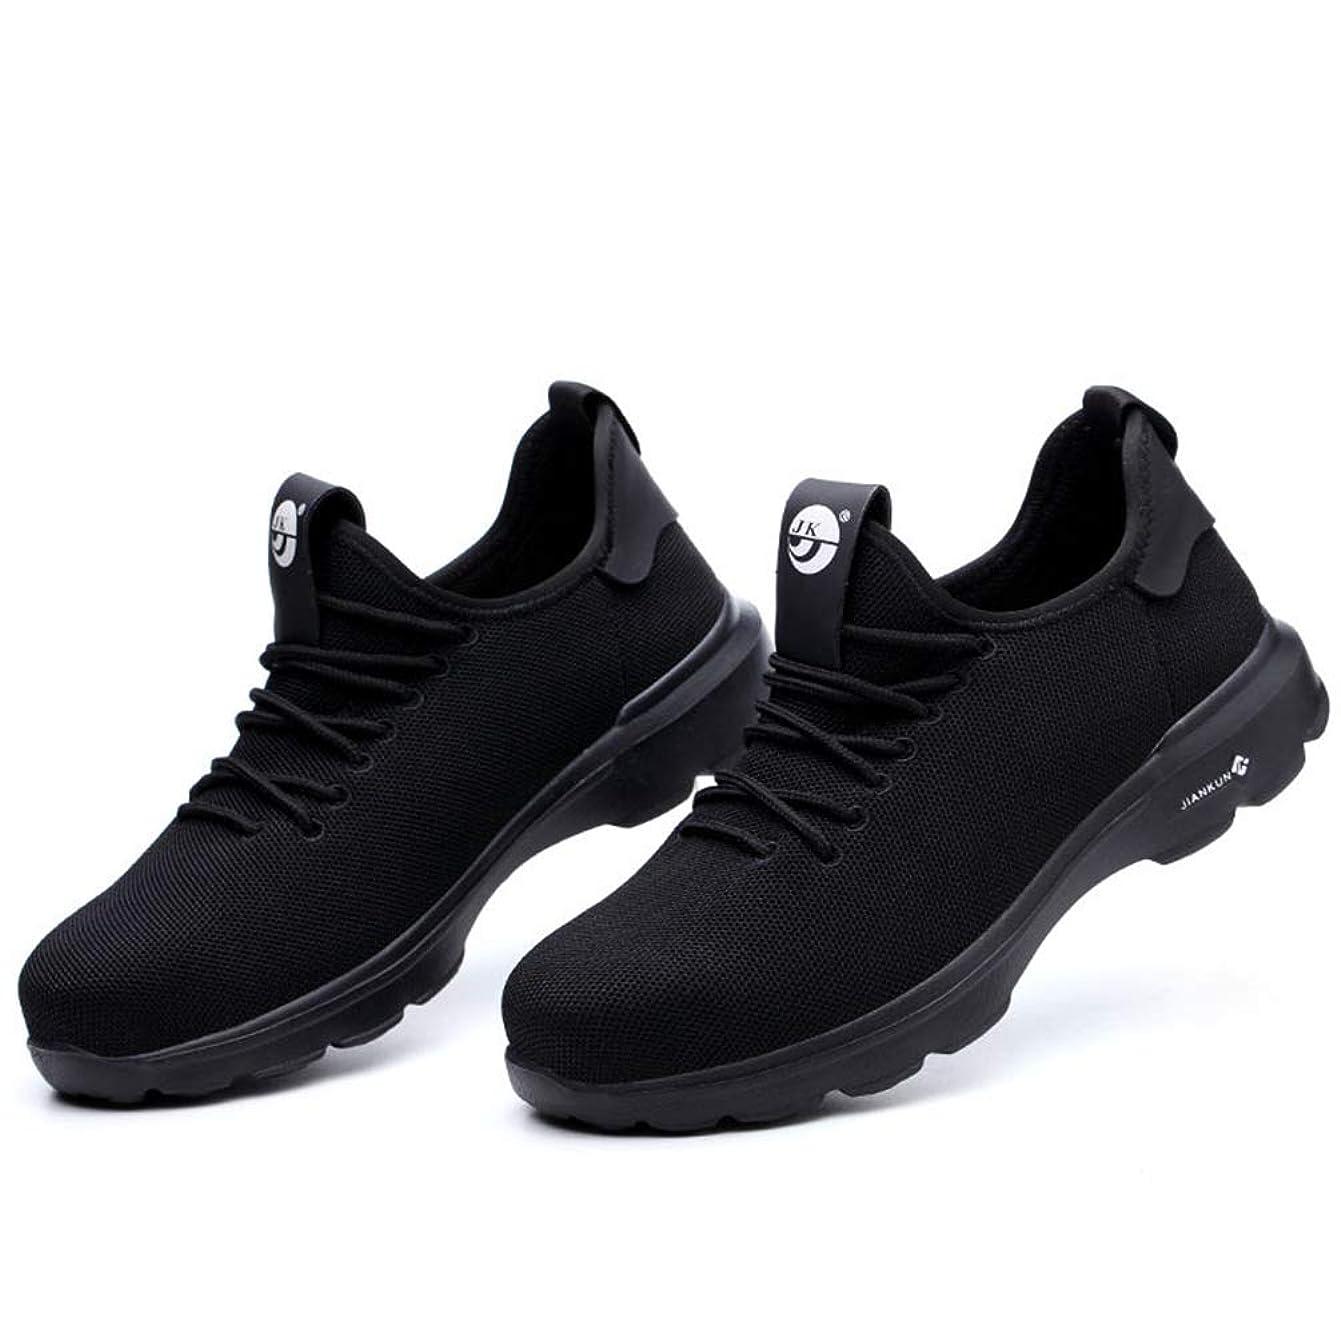 ペスト呼吸ナプキン安全靴 作業靴 防護靴 安全シューズ 靴 メンズ メッシュ つま先保護 鋼先芯 釘踏み抜き防止 通気性抜群 抗菌 防臭 クッション性 アンチショック 滑り止め 耐久性抜群 歩きやすい かっこいい ローカット